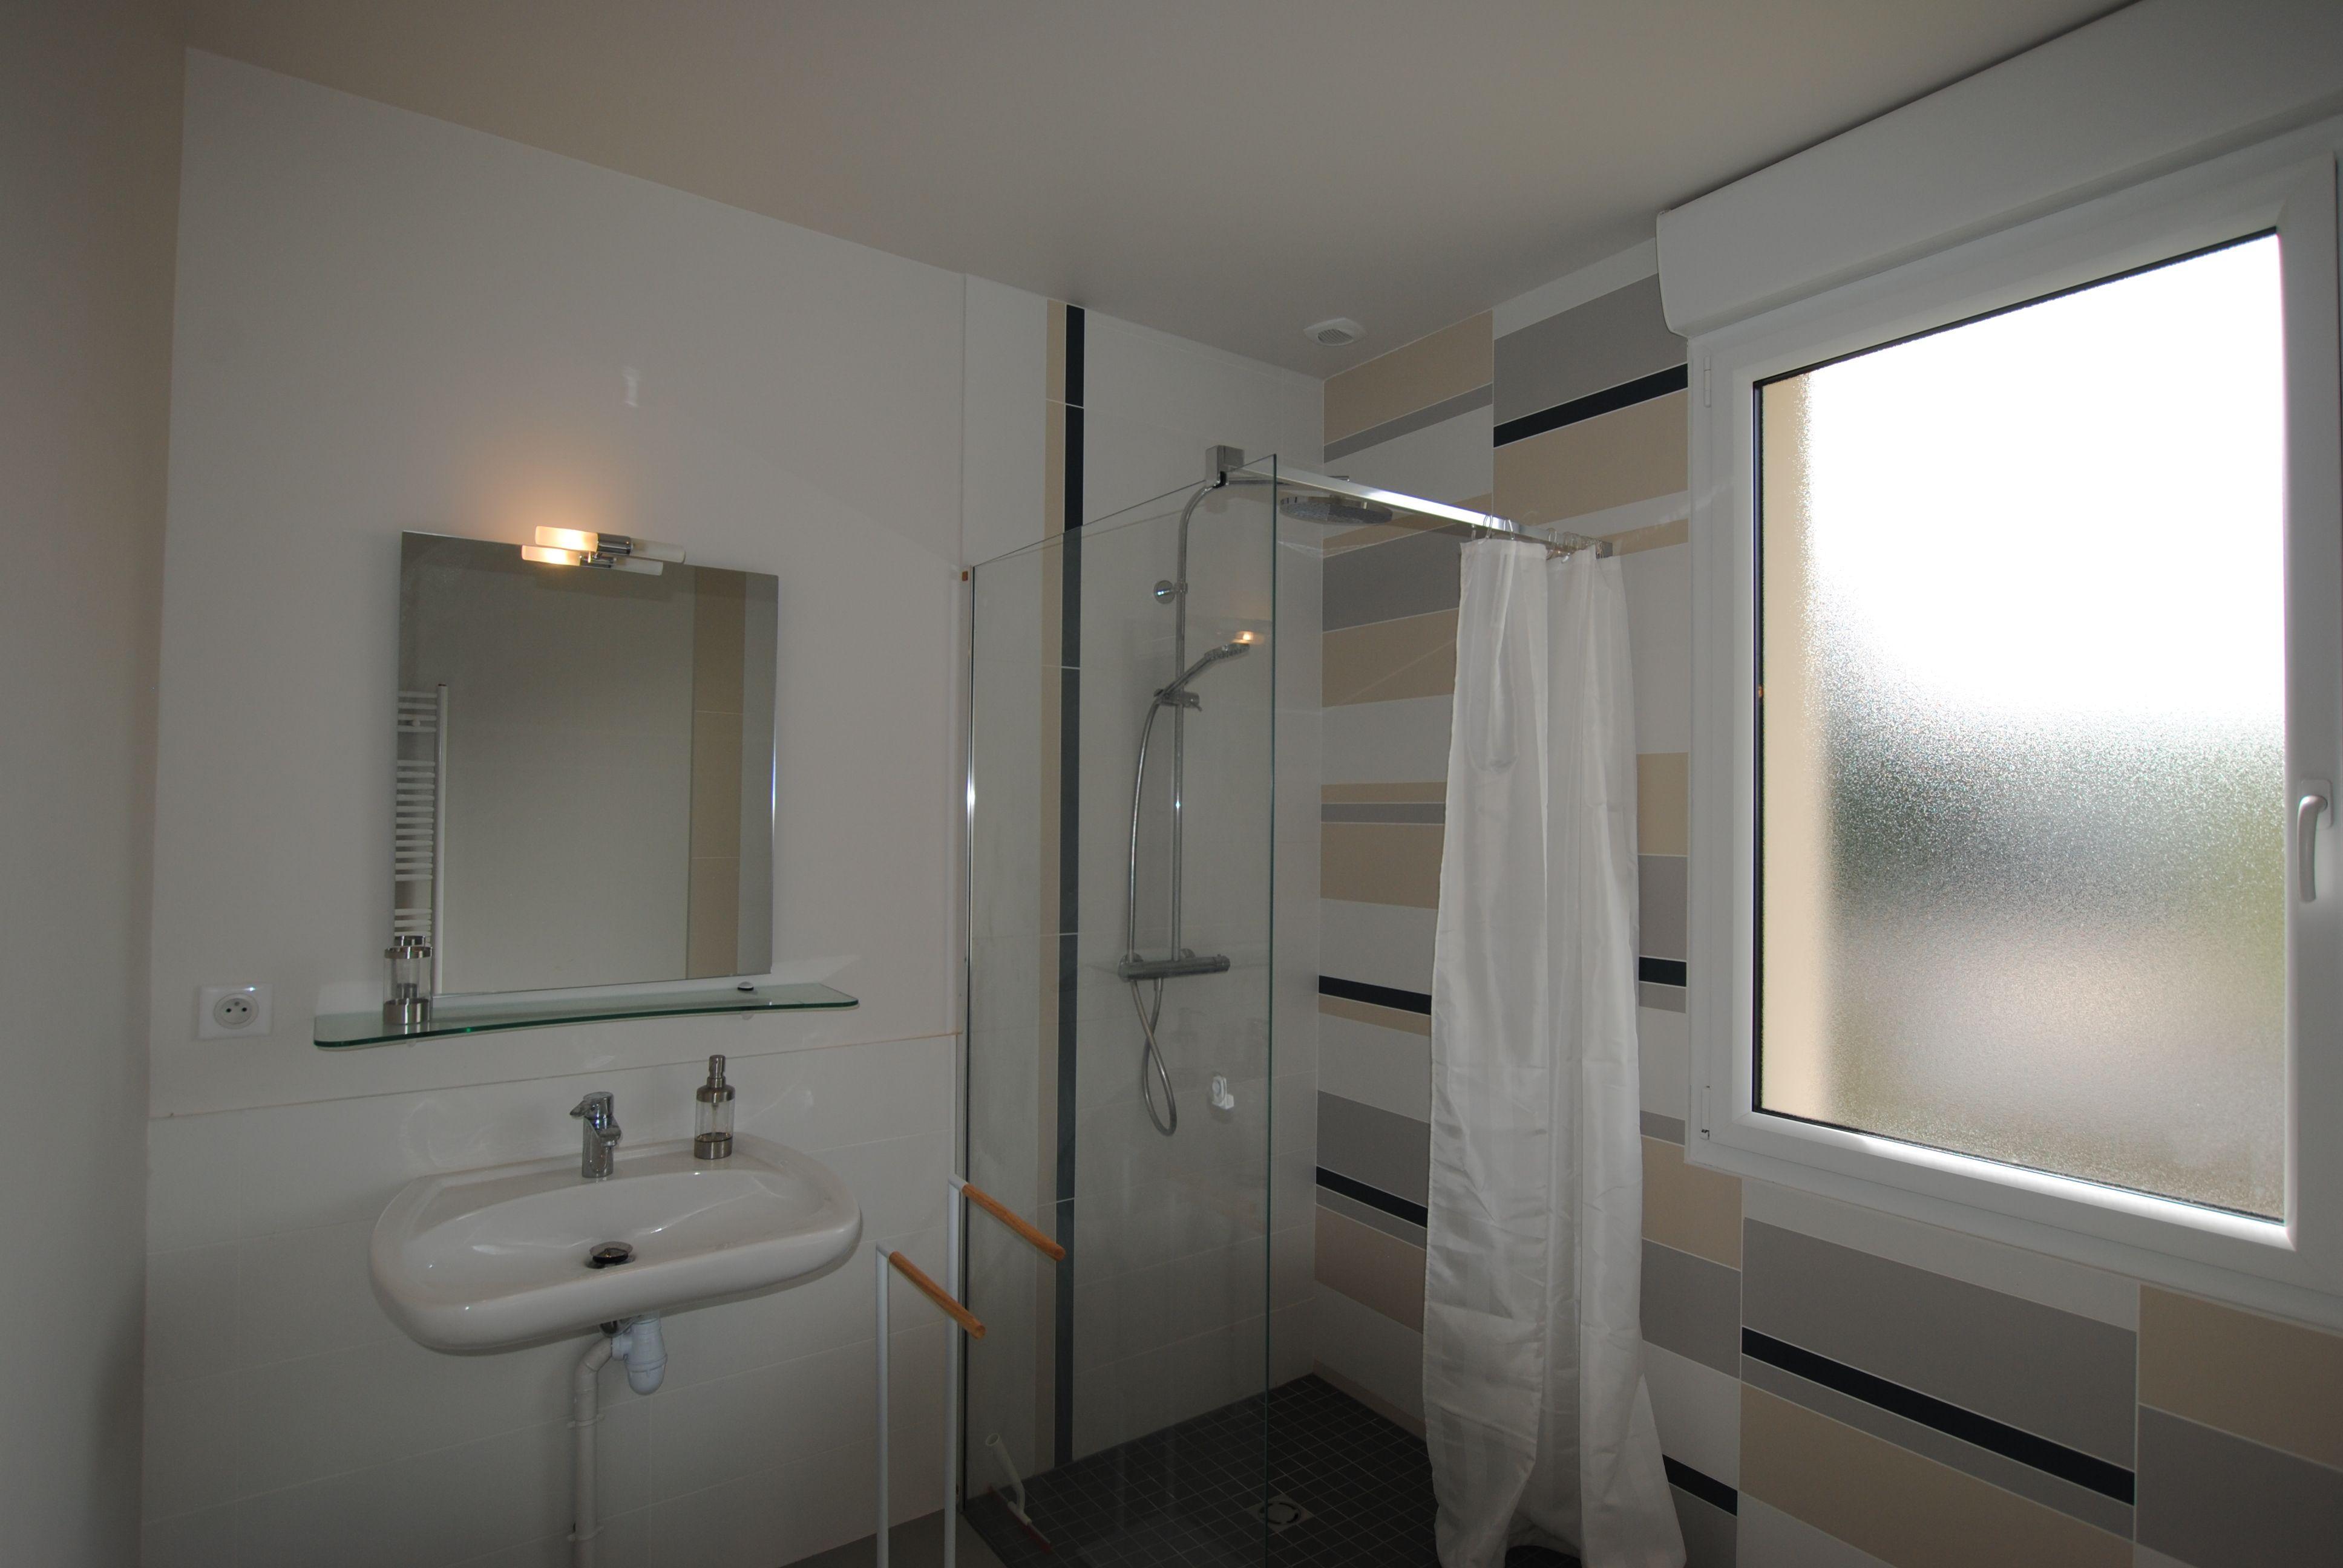 51G494 - Pogny - La Maison Gabriel - salle d'eau rez-de-chaussée